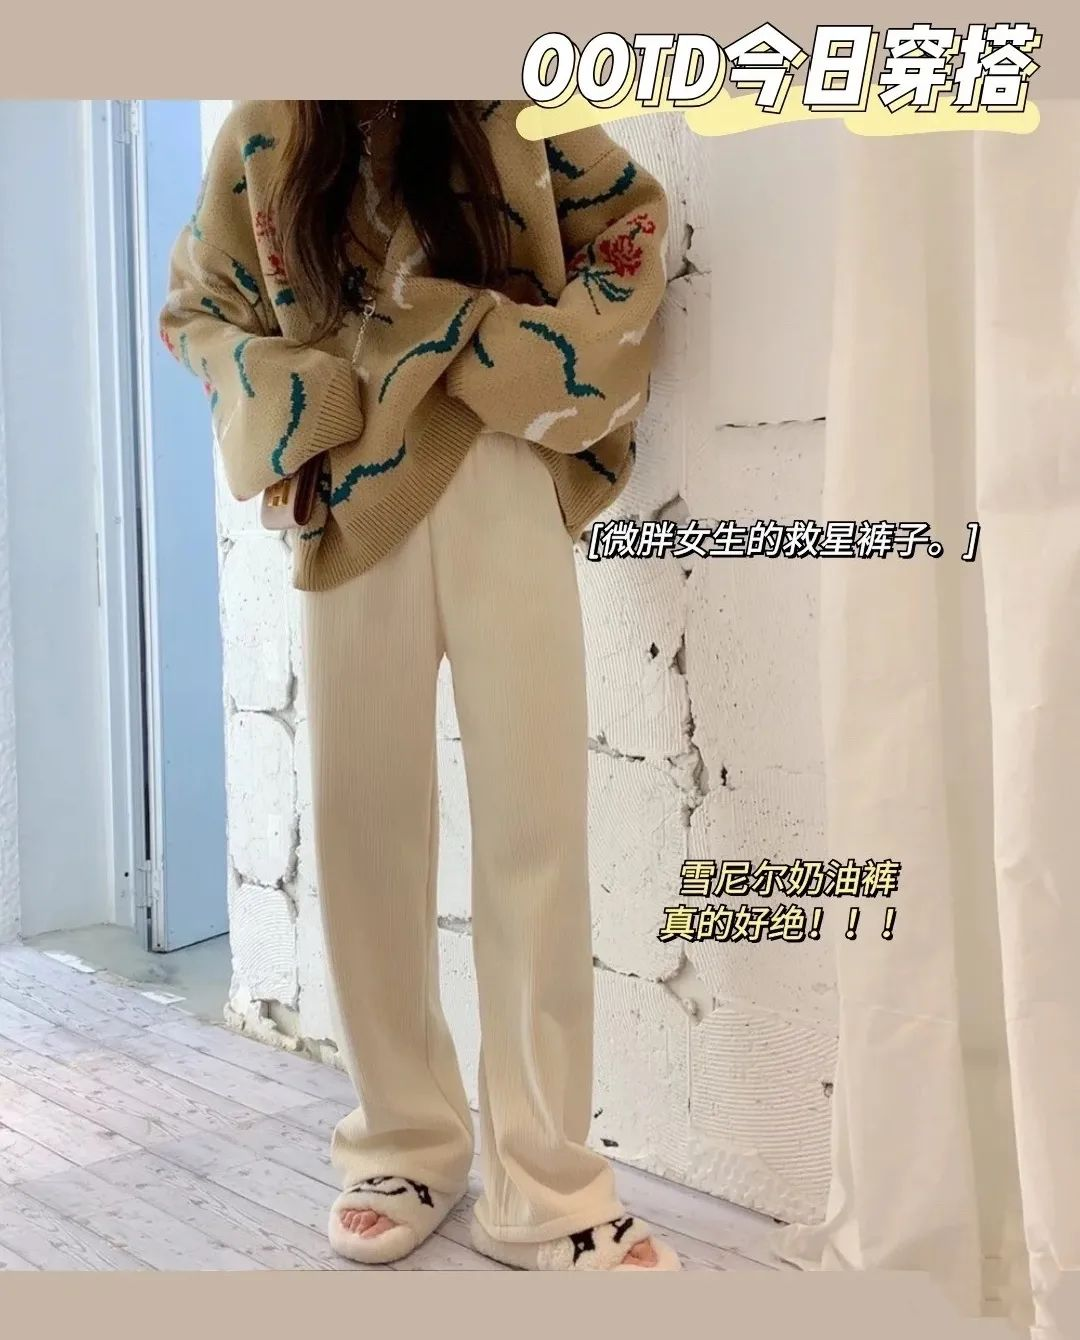 【江疏影/林允/乔欣等明星同款爆款|雪尼尔加绒裤/显瘦显腿直又长】仅59元抢门市价239元【全网热销神裤,阔腿款/小脚款】视觉增高8cm,巧遮小肚腩,提臀收腹,减龄又时髦!外层雪尼尔灯芯绒+里层软糯婴儿绒,立体剪裁,垂顺质感,大牌品质,超值价格!一款不挑上衣,怎么搭都好看,明星都爱的神裤,囤几条都不过分!